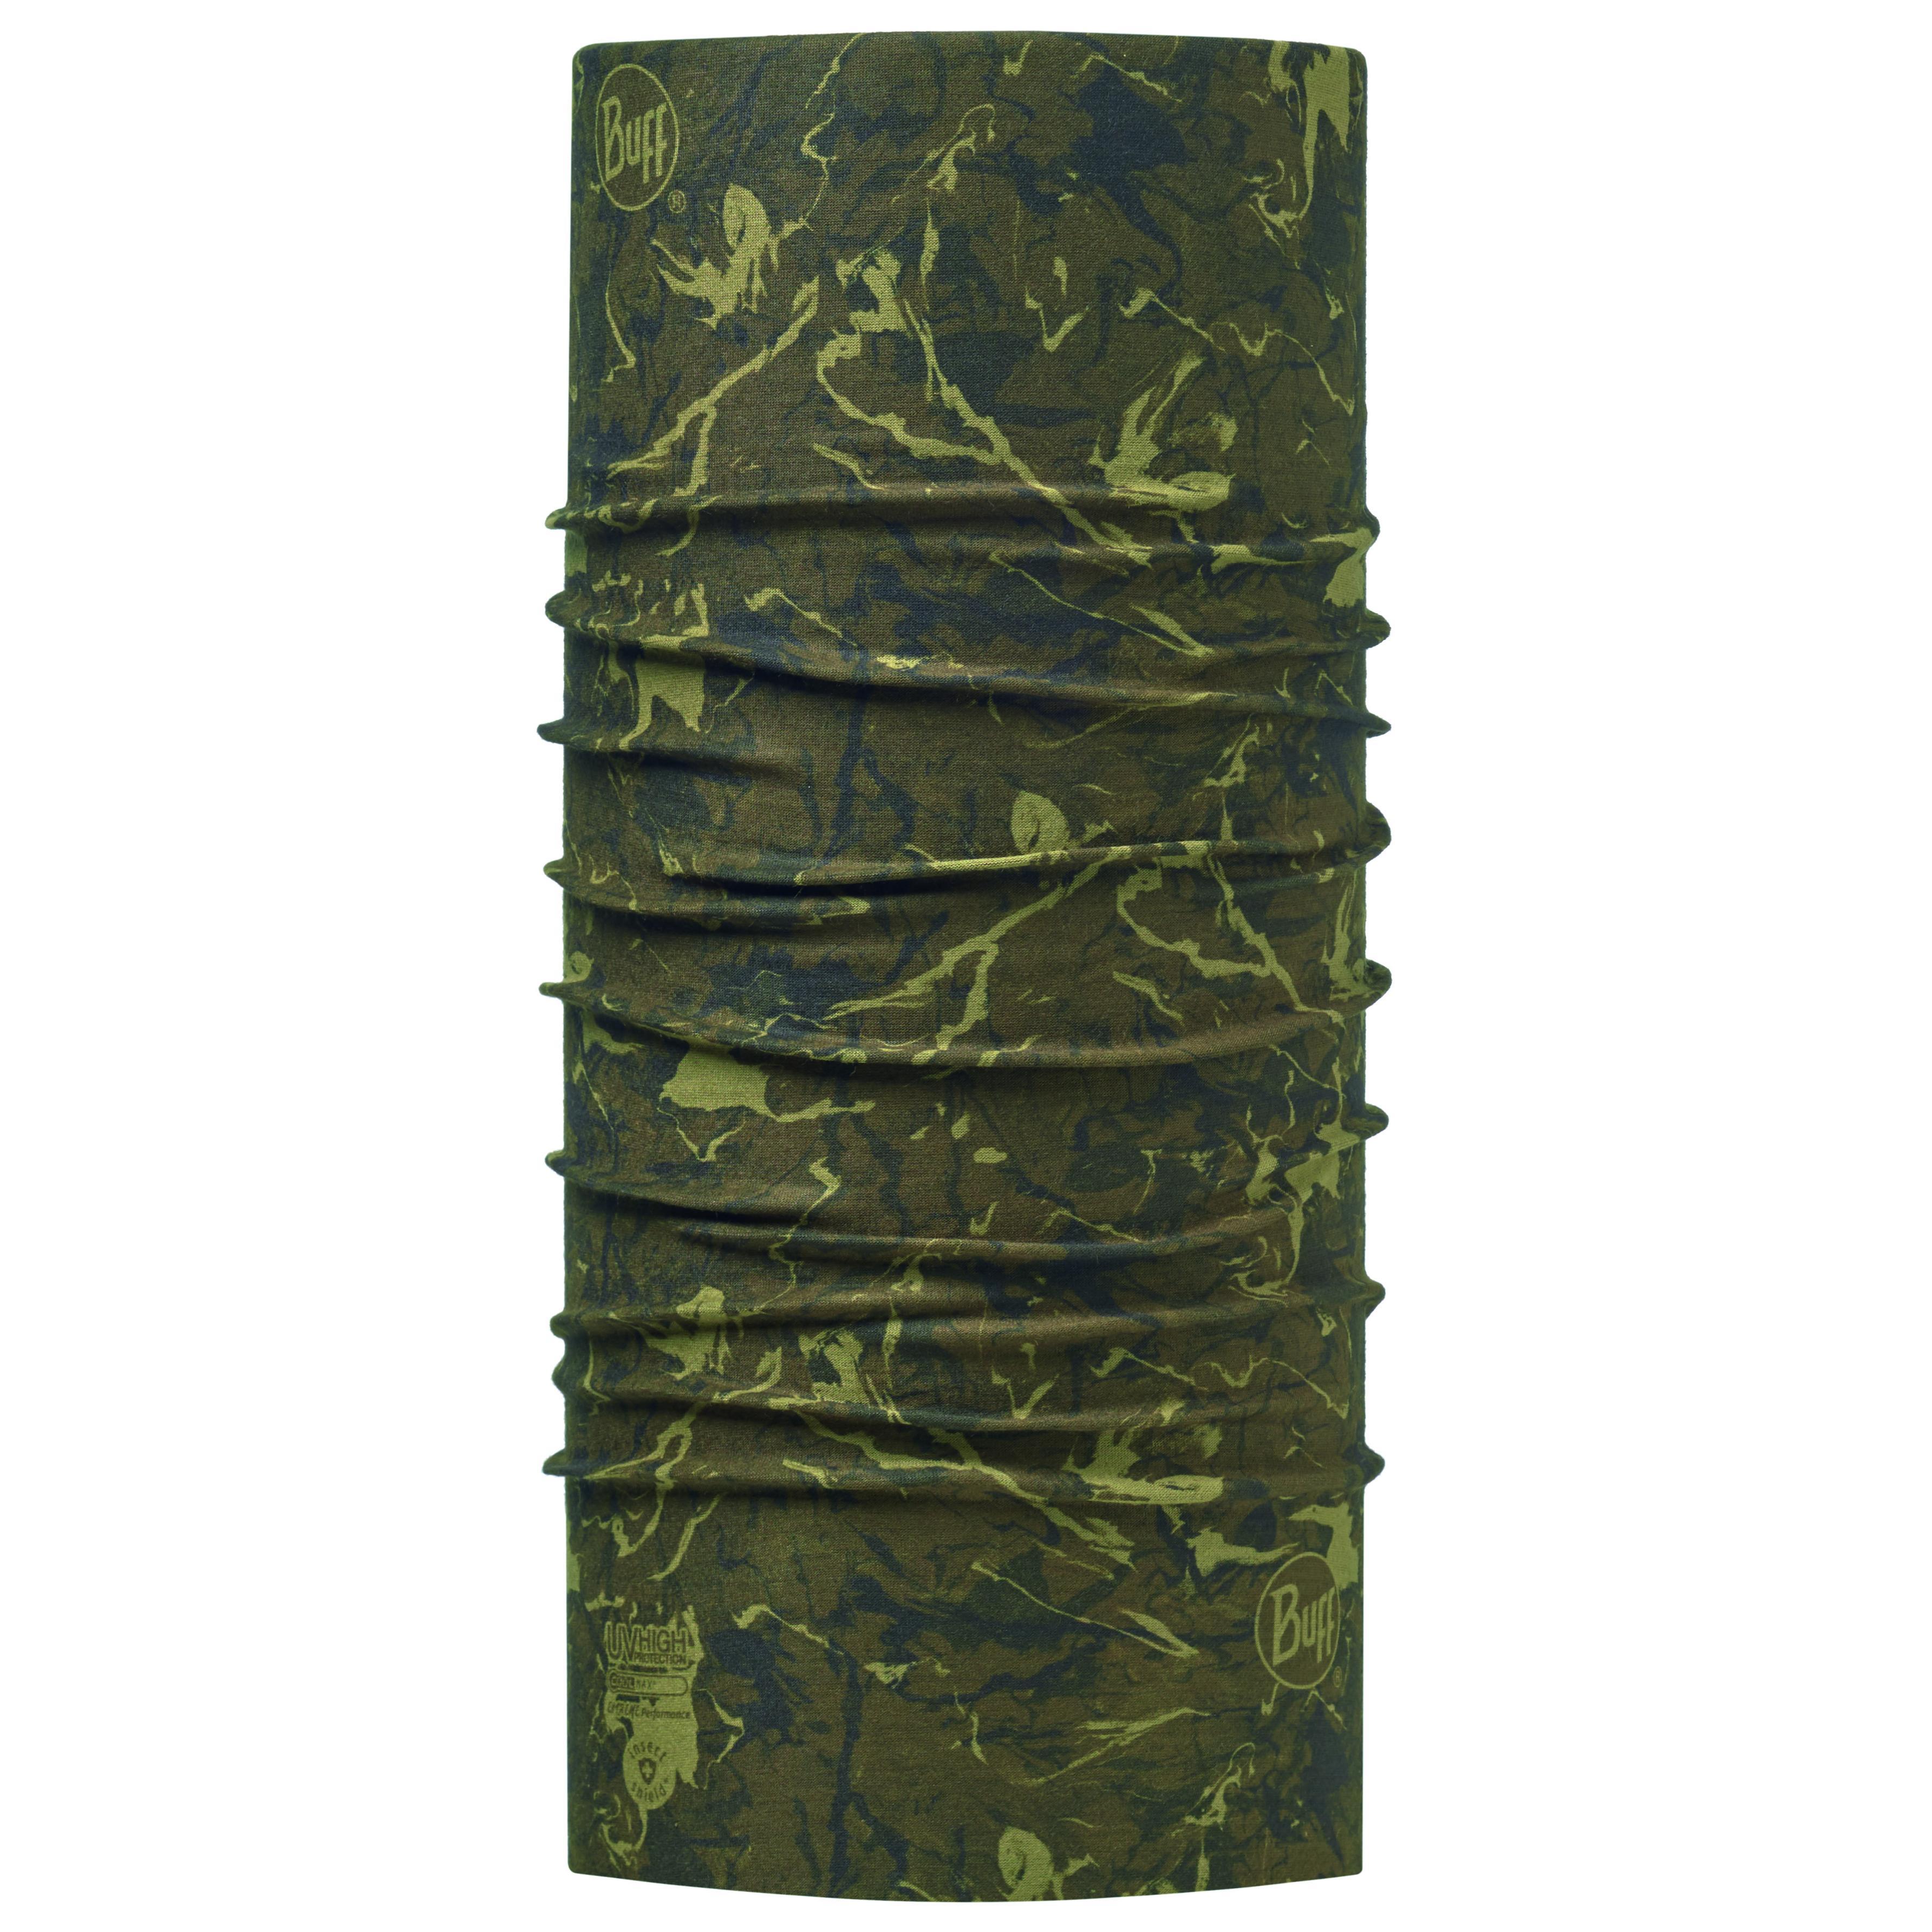 Купить Бандана BUFF High UV DISGUISE MILITARY Банданы и шарфы Buff ® 1312833